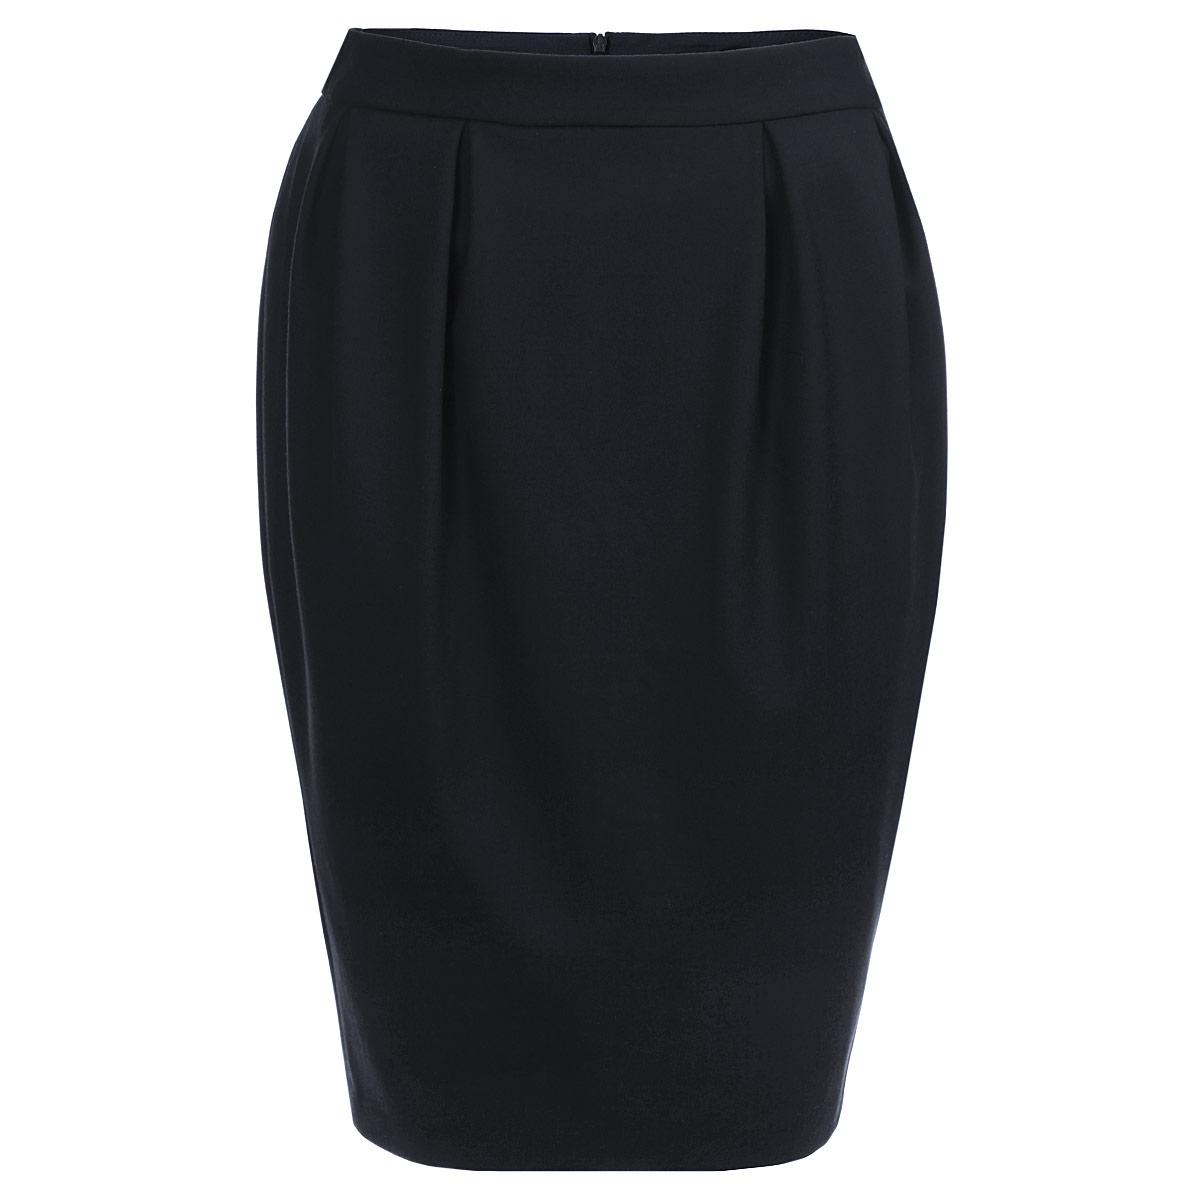 Юбка. 43655944365594Модная юбка-карандаш Yarash, изготовленная из высококачественного плотного материала на подкладке из полиэстера, подарит ощущение радости и комфорта. Модель с пришивным поясом, сзади застегивается на потайную молнию. Юбка оформлена двойными объемными складками спереди и сзади, а также небольшим разрезом. Актуальная длина и классический покрой сделают эту вещь любимым предметом вашего гардероба. В этой юбке вы будете чувствовать себя неотразимой, оставаясь в центре внимания.